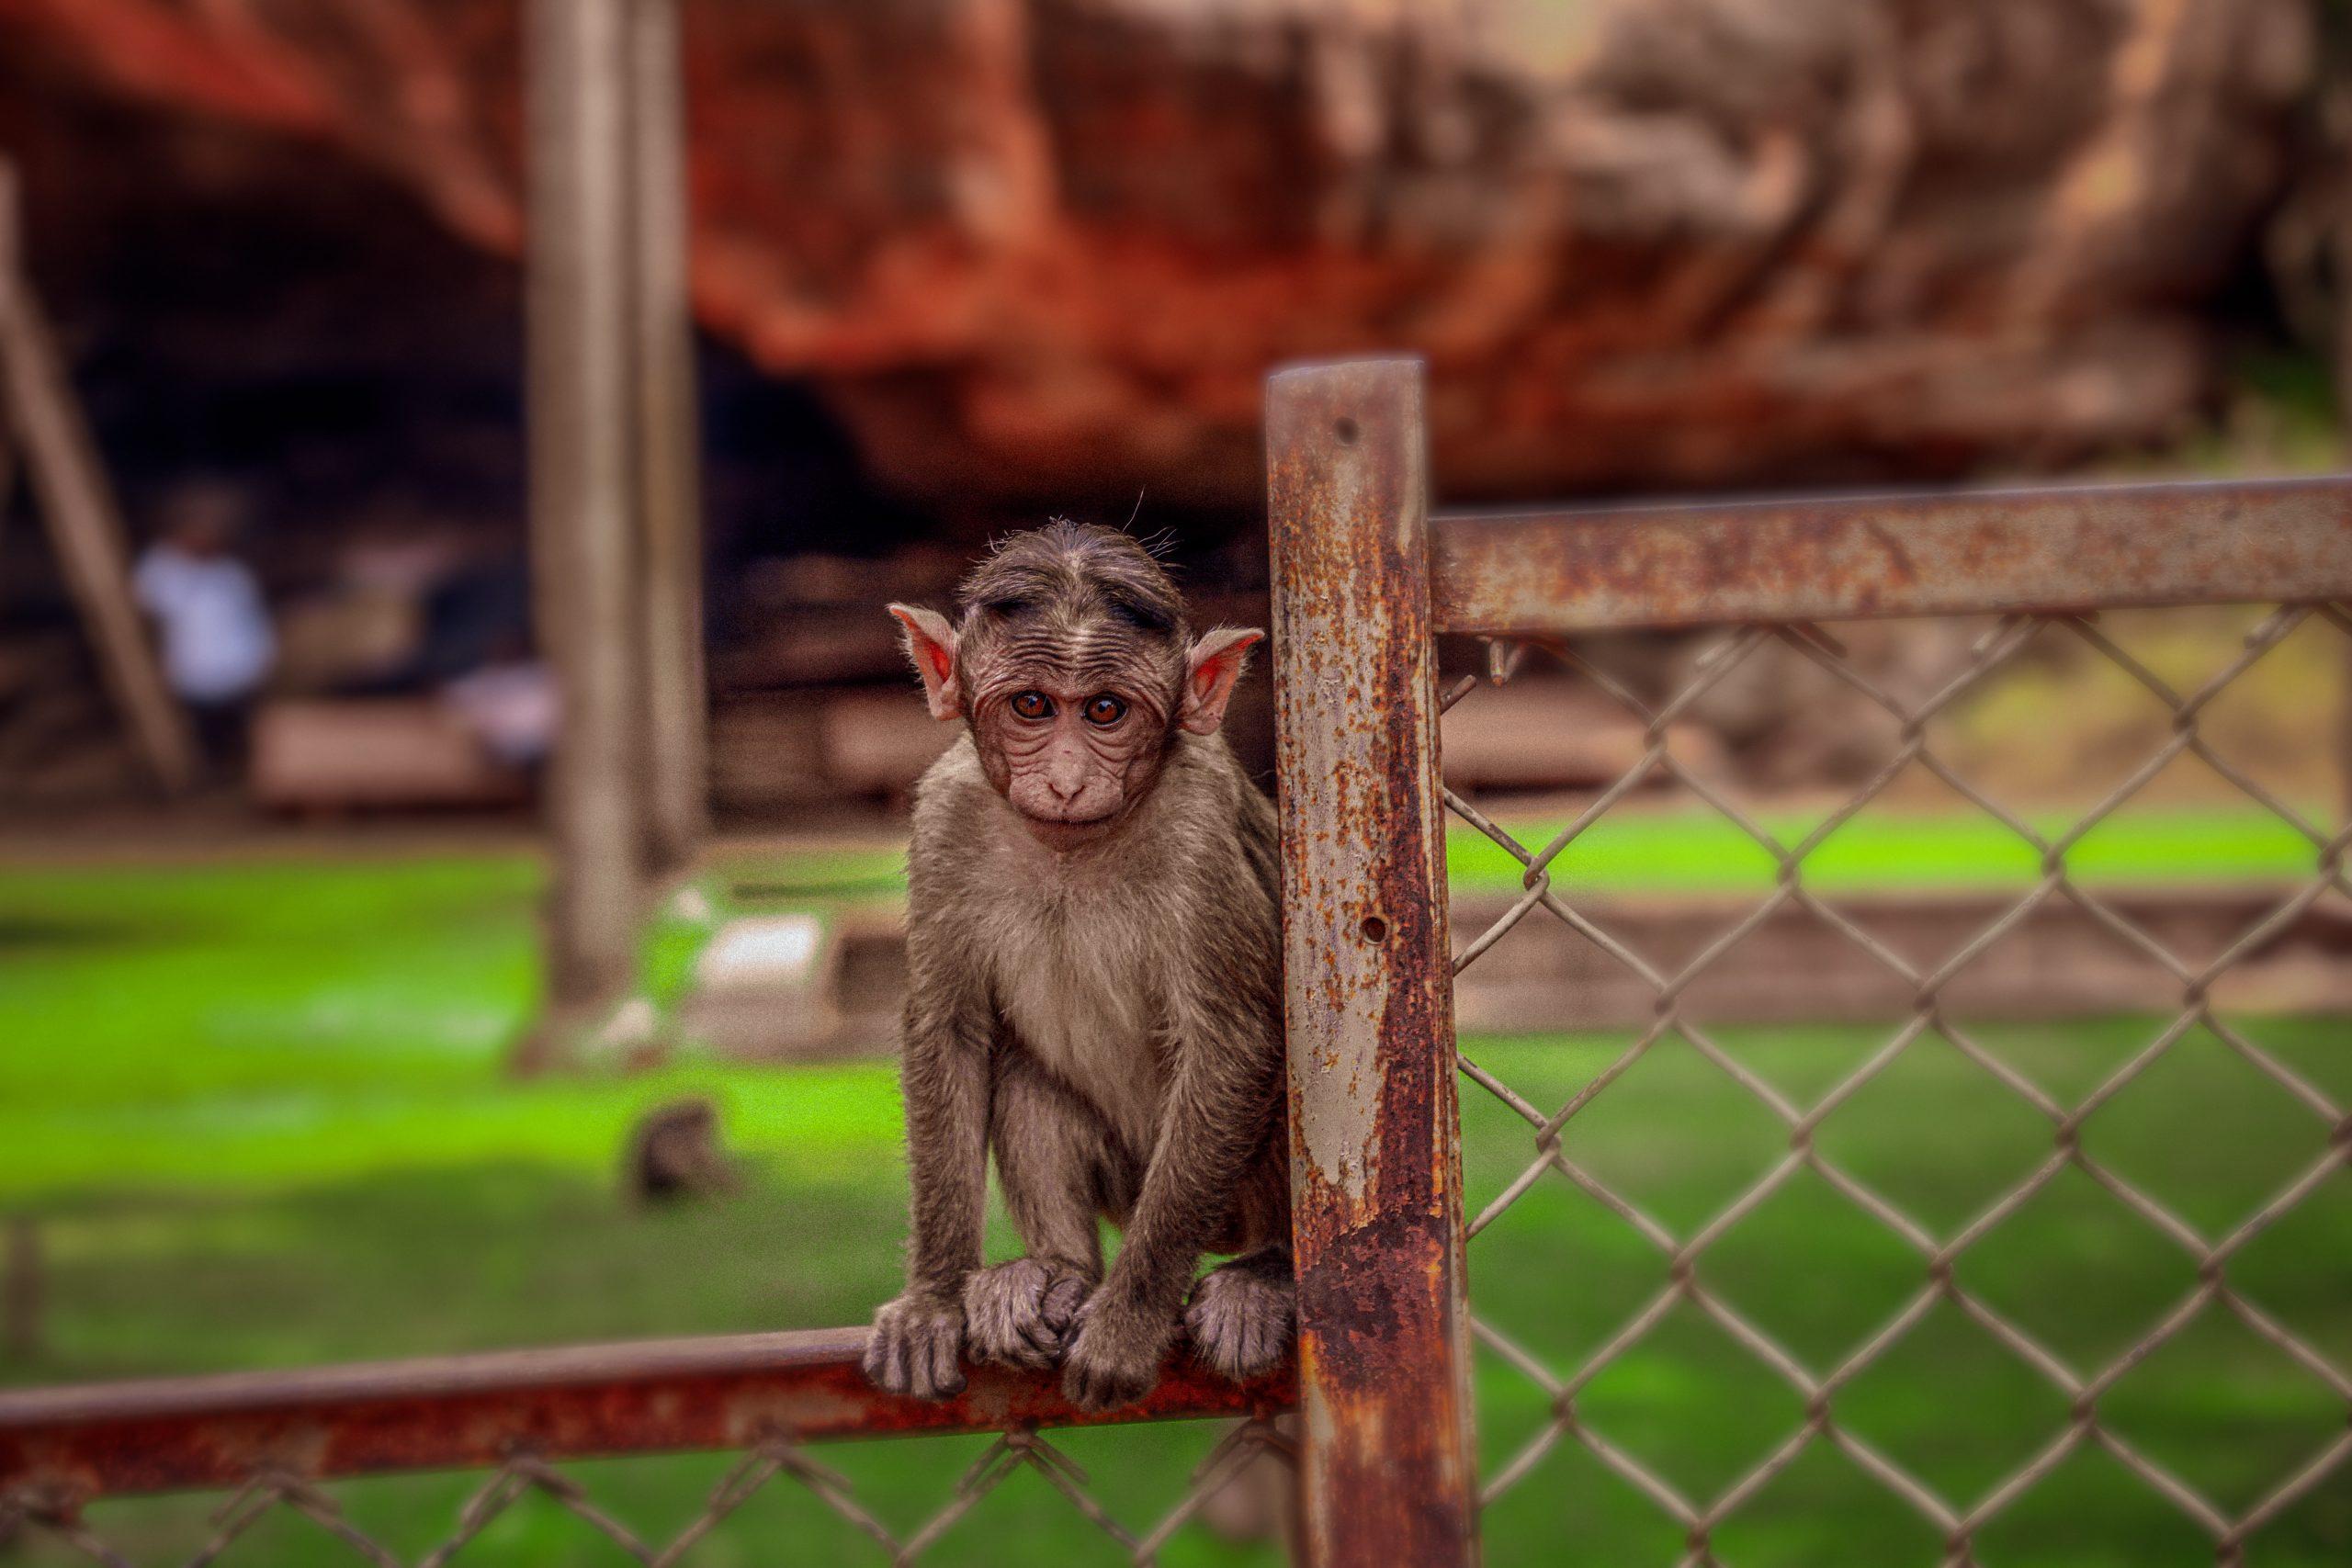 a monkey on a fence